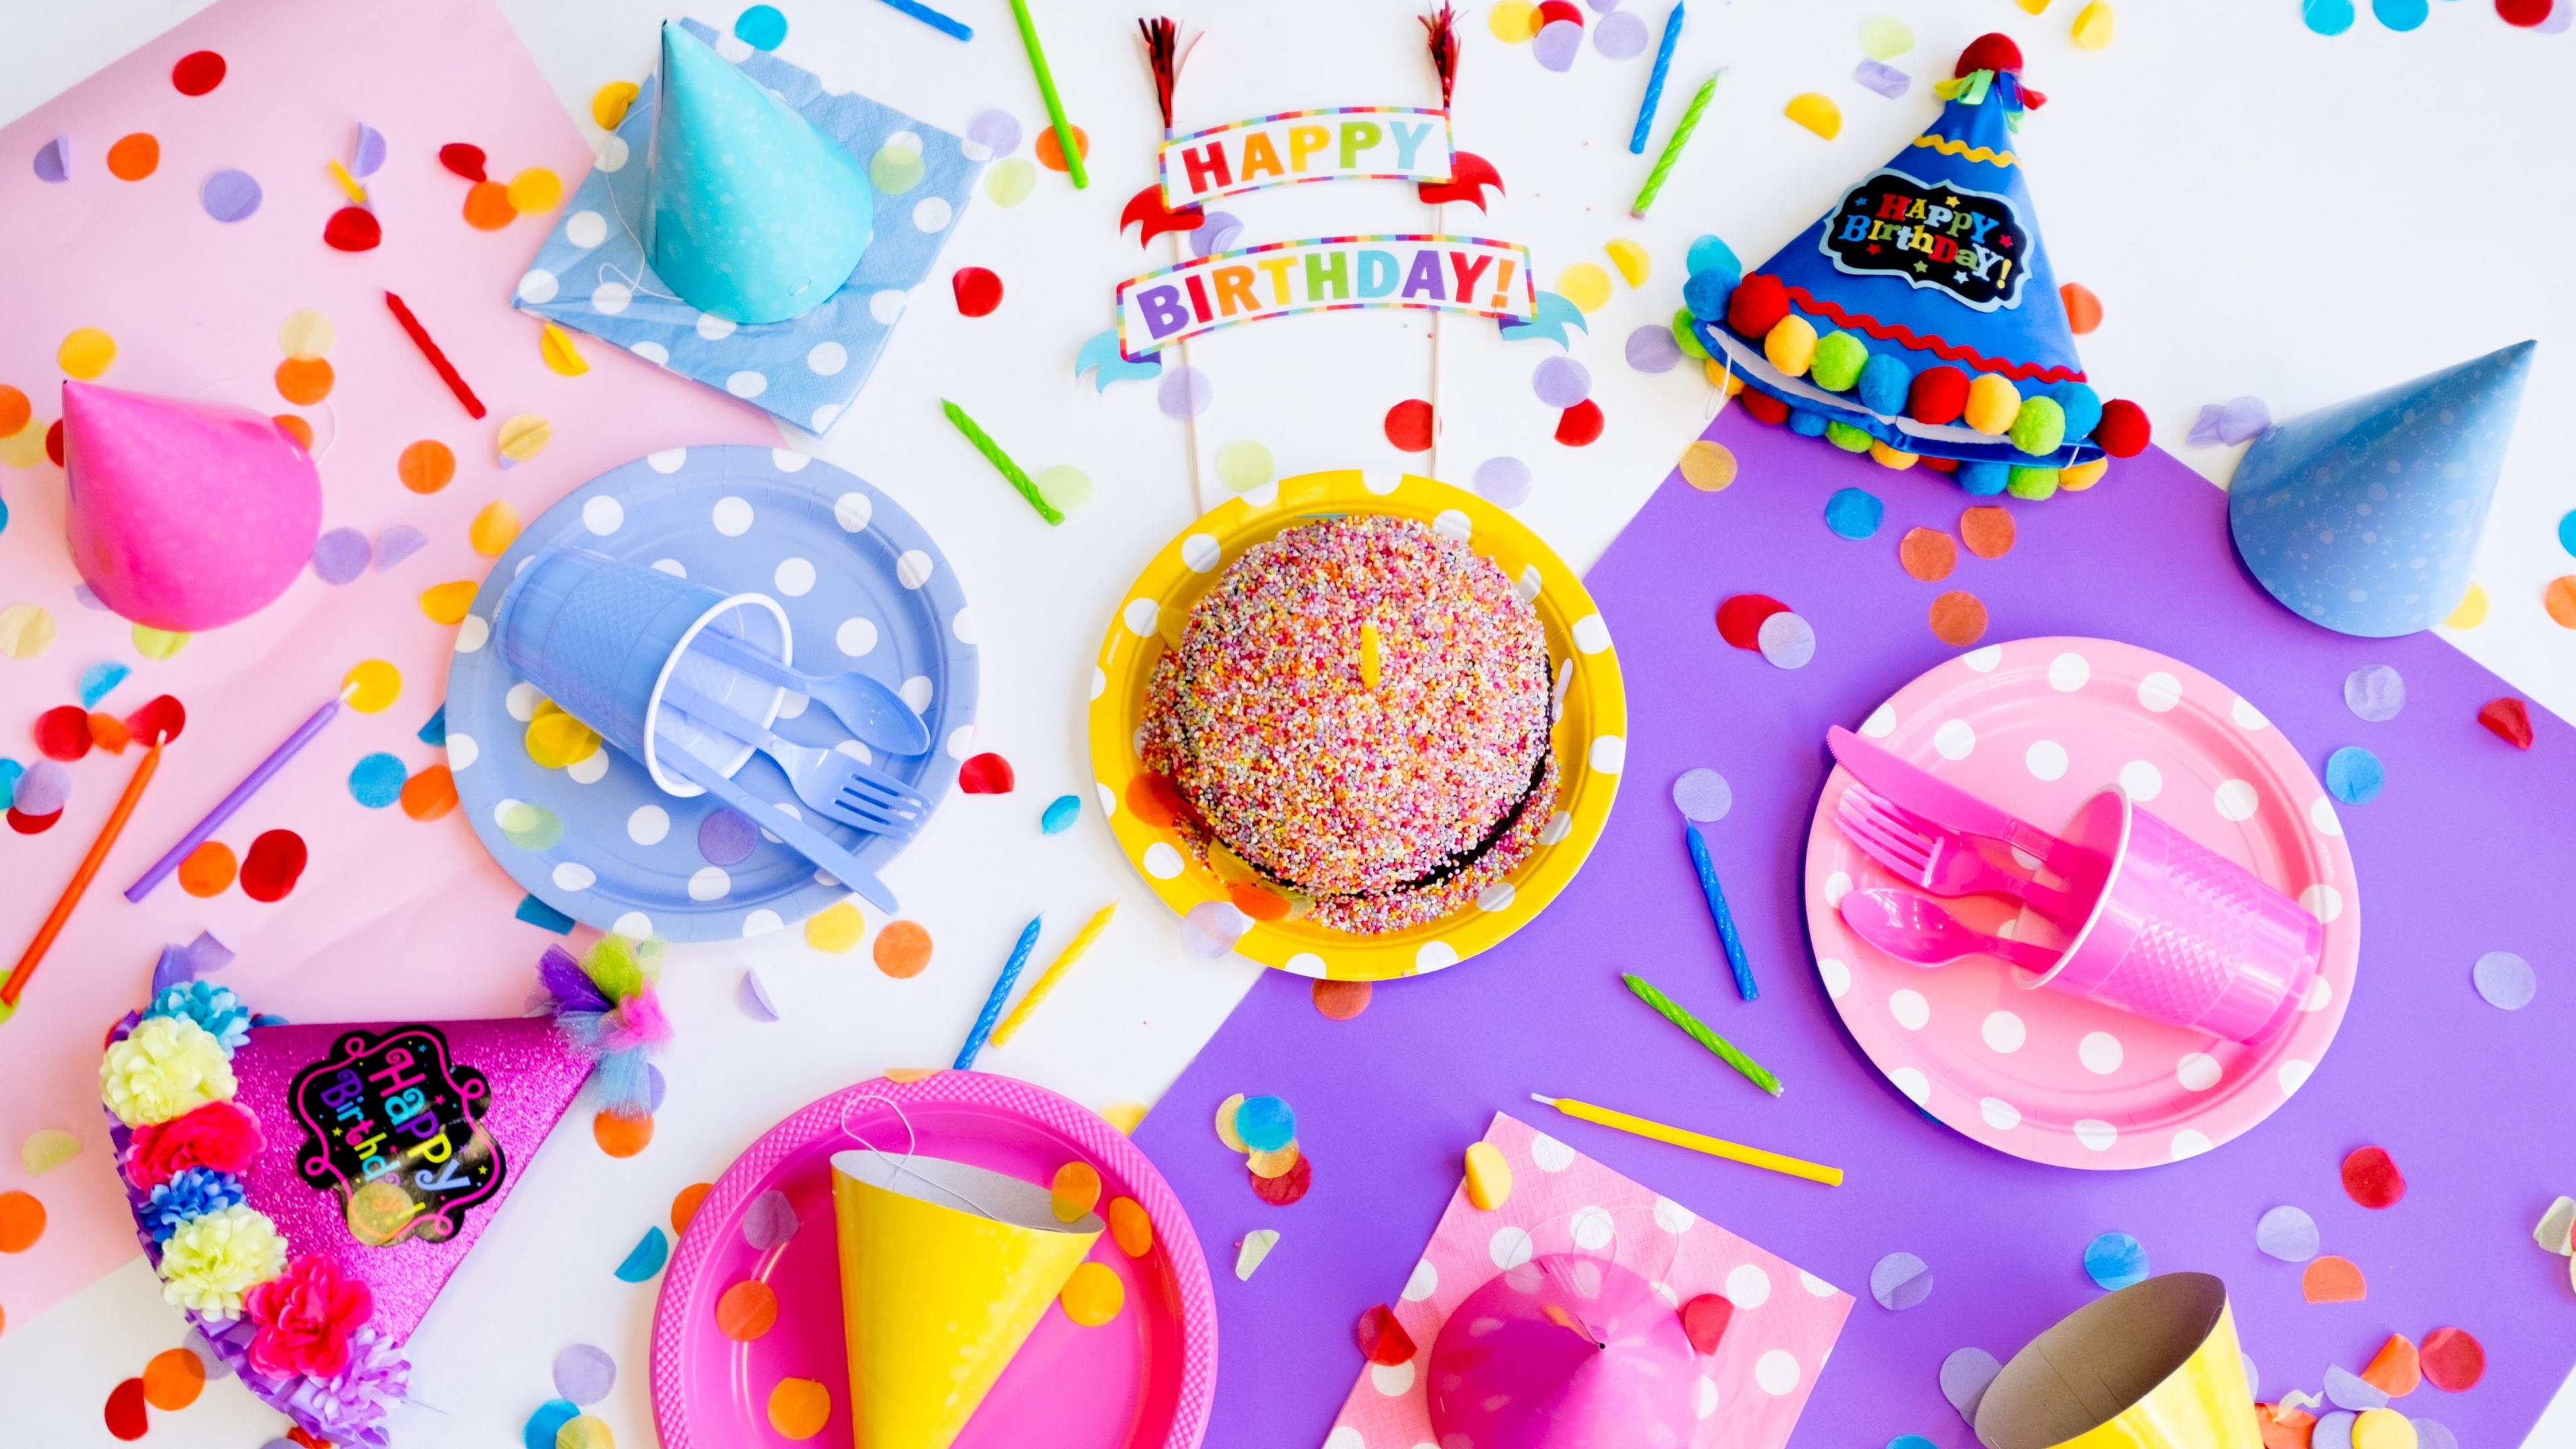 Happy Birthday 4k Wallpaper Birthday Party Birthday Decoration Cake Colorful 5k Celebrations 1118